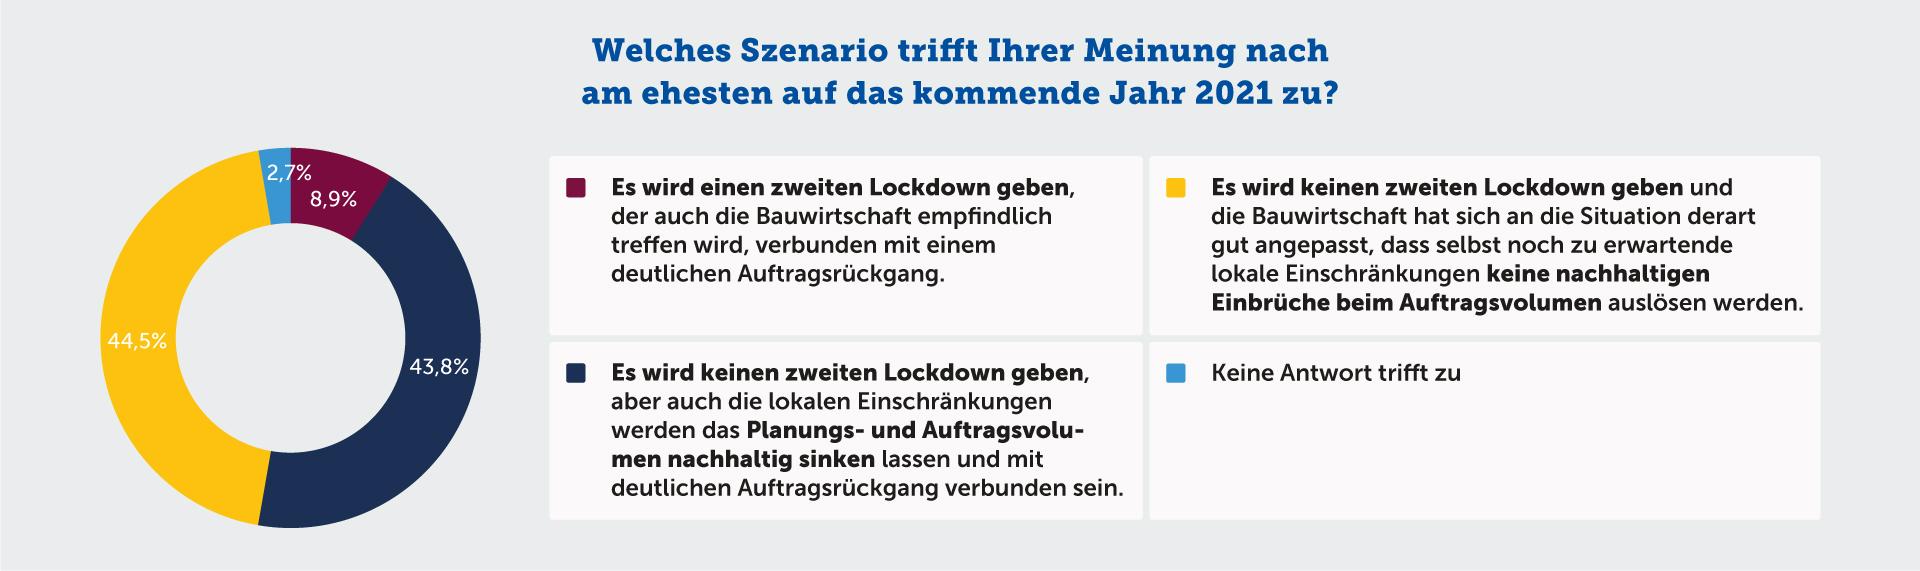 Welches Szenario trifft Ihrer Meinung nach am ehesten auf das kommende Jahr 2021 zu?